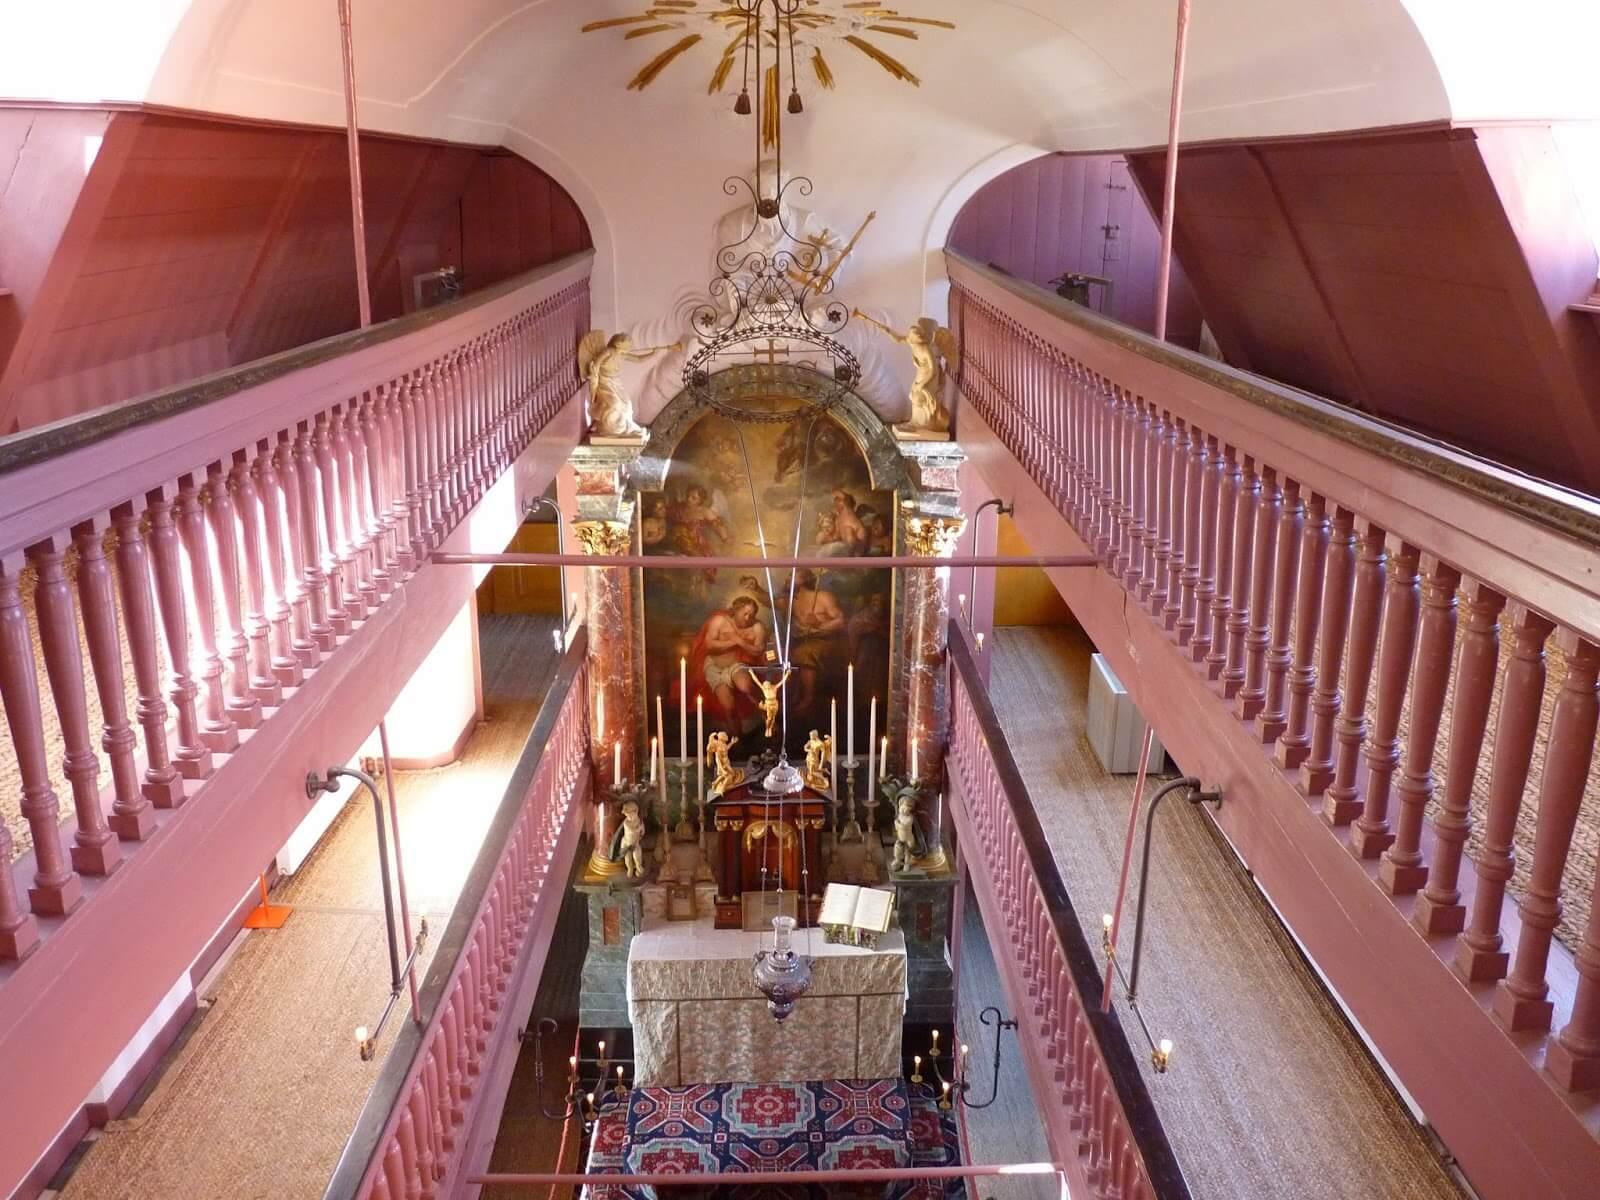 Igreja de Nosso Senhor do Sótão altar 01 Amesterdão Países Baixos Mundo Indefinido